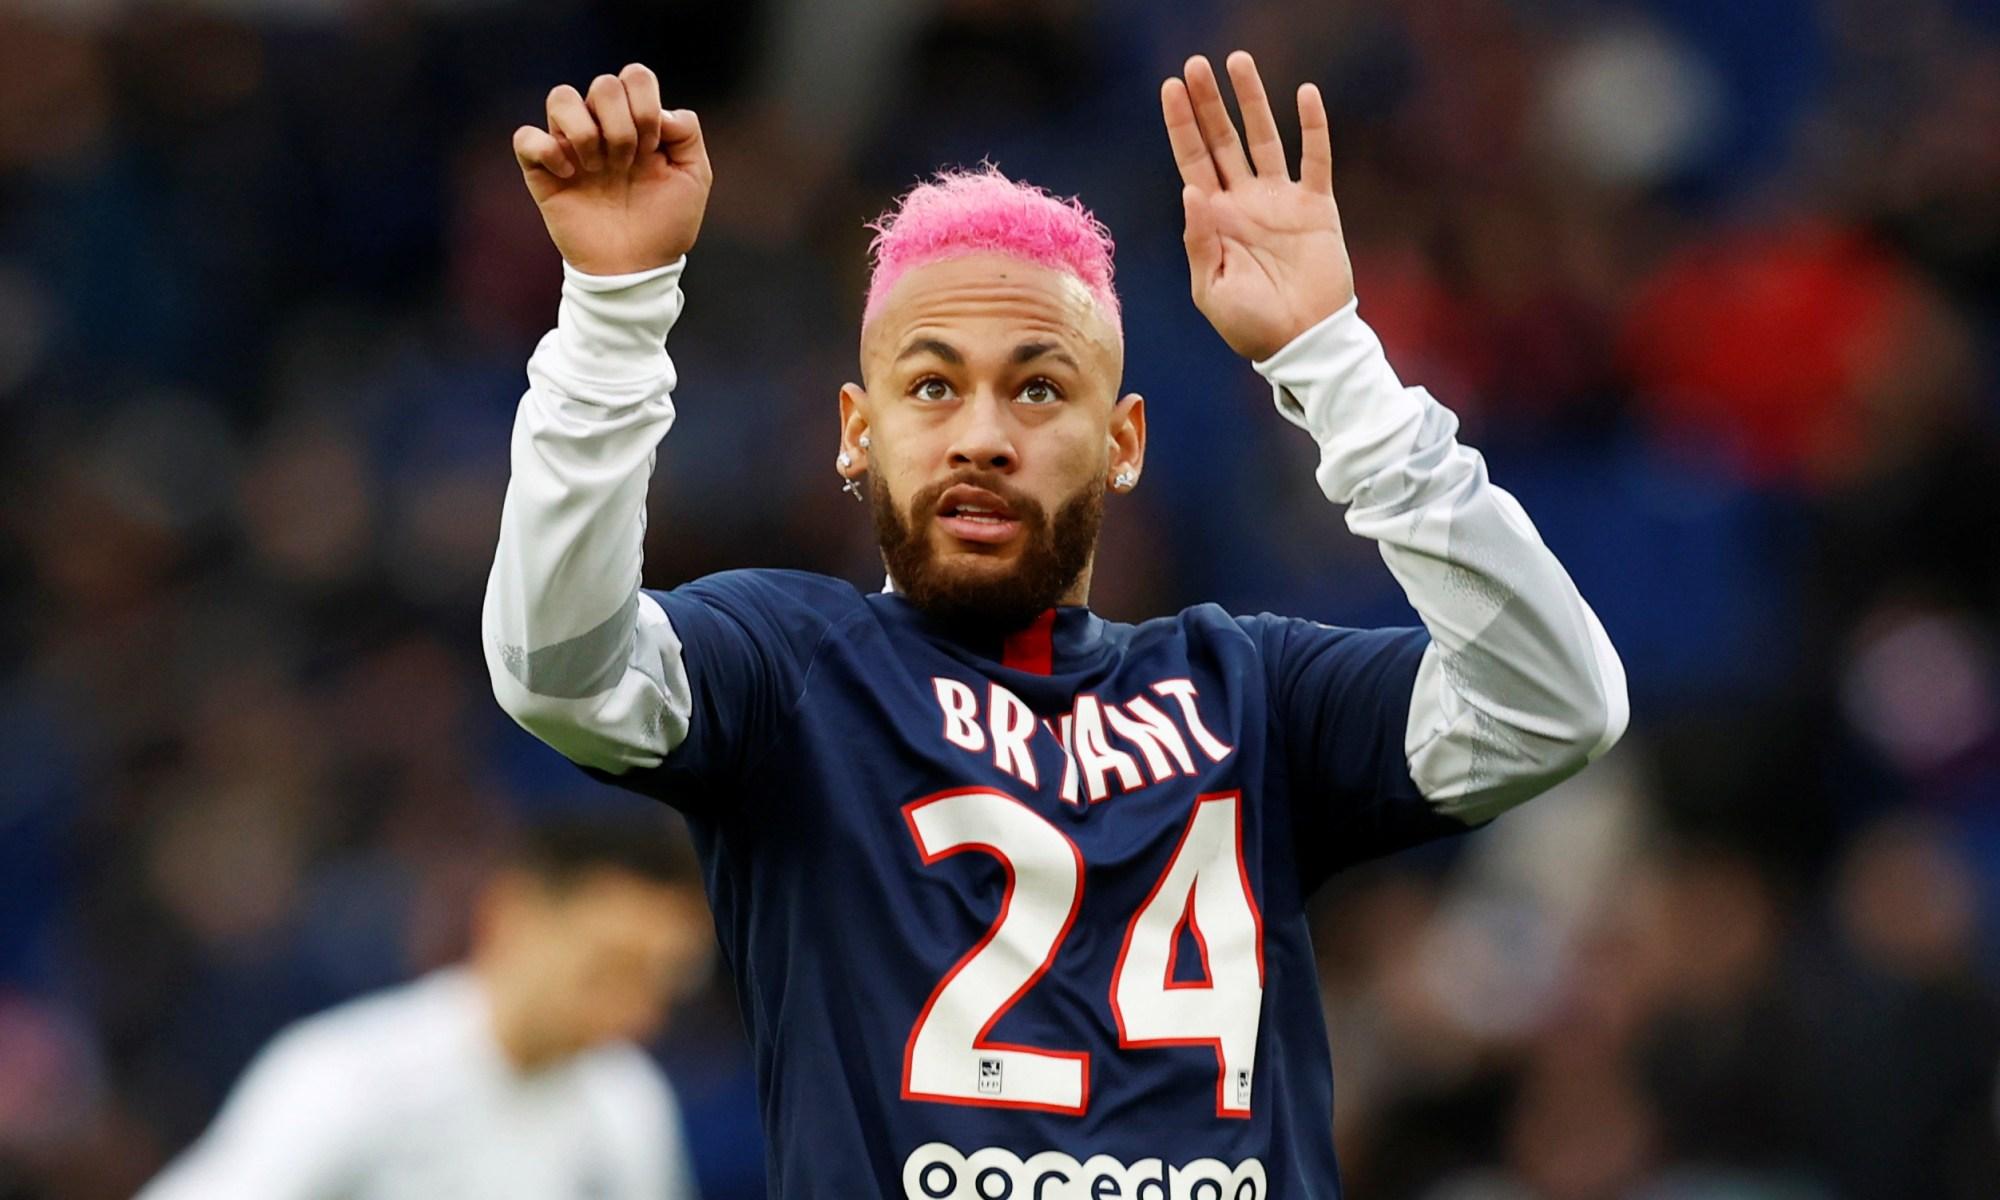 Tatuajul lui Neymar în memoria lui Kobe Bryant. Sursă foto: gaol.com